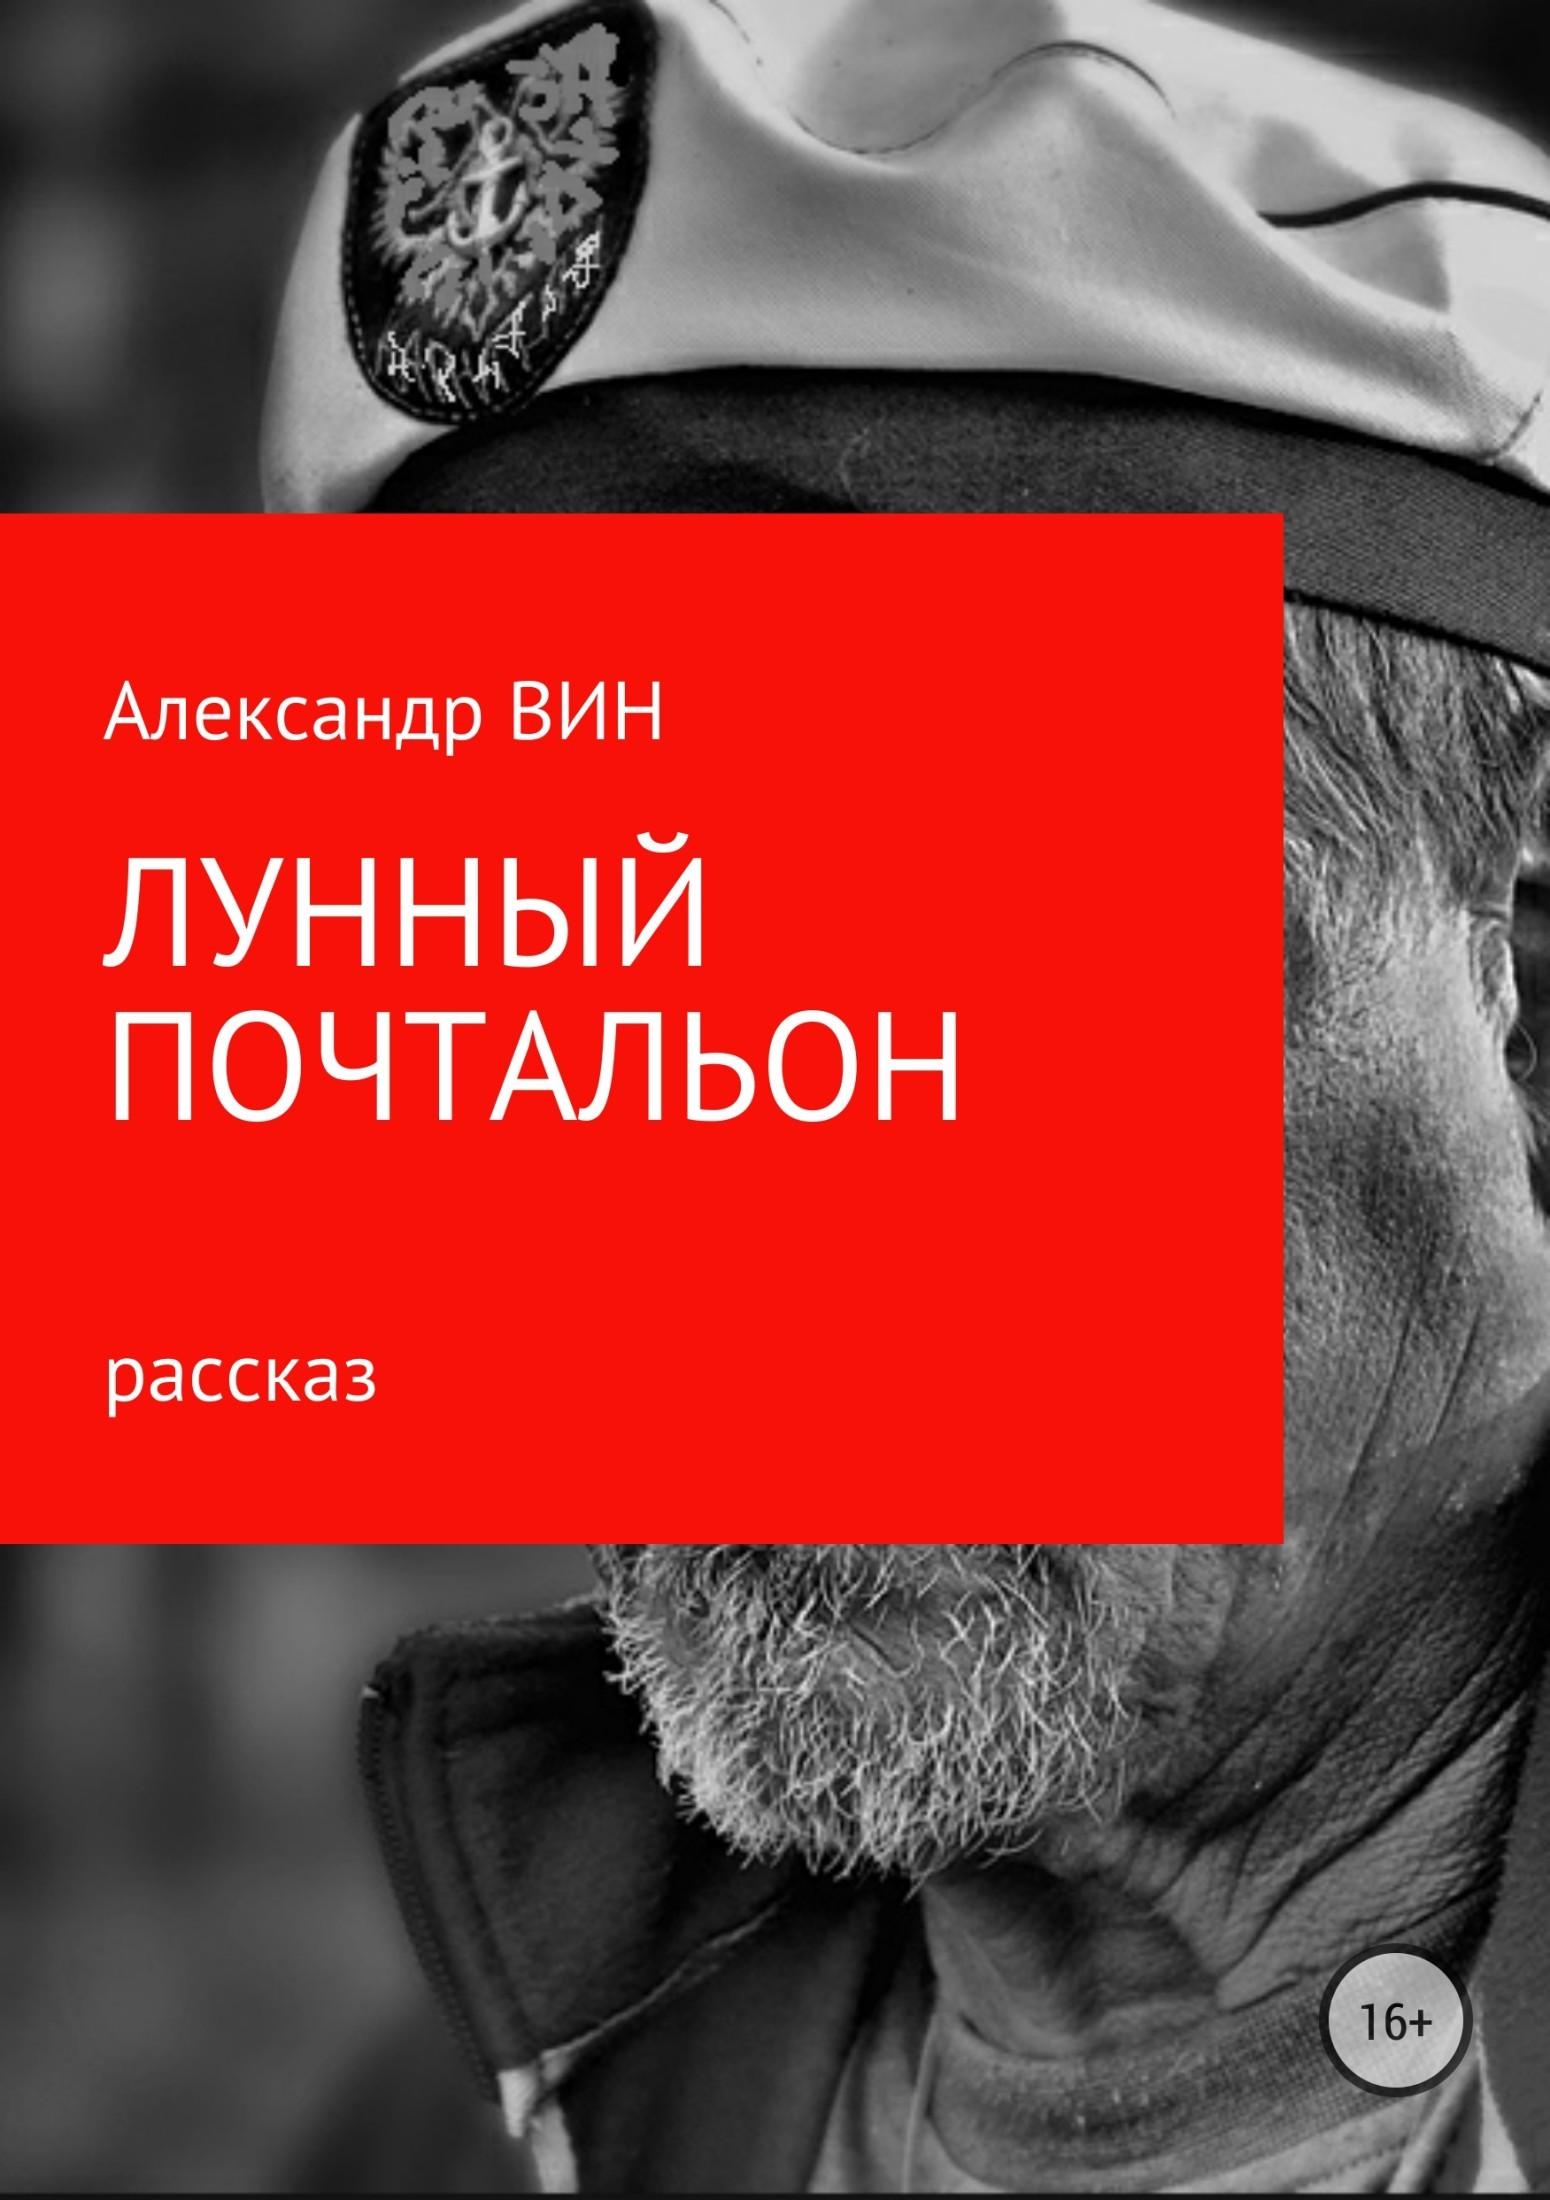 Александр ВИН Лунный почтальон